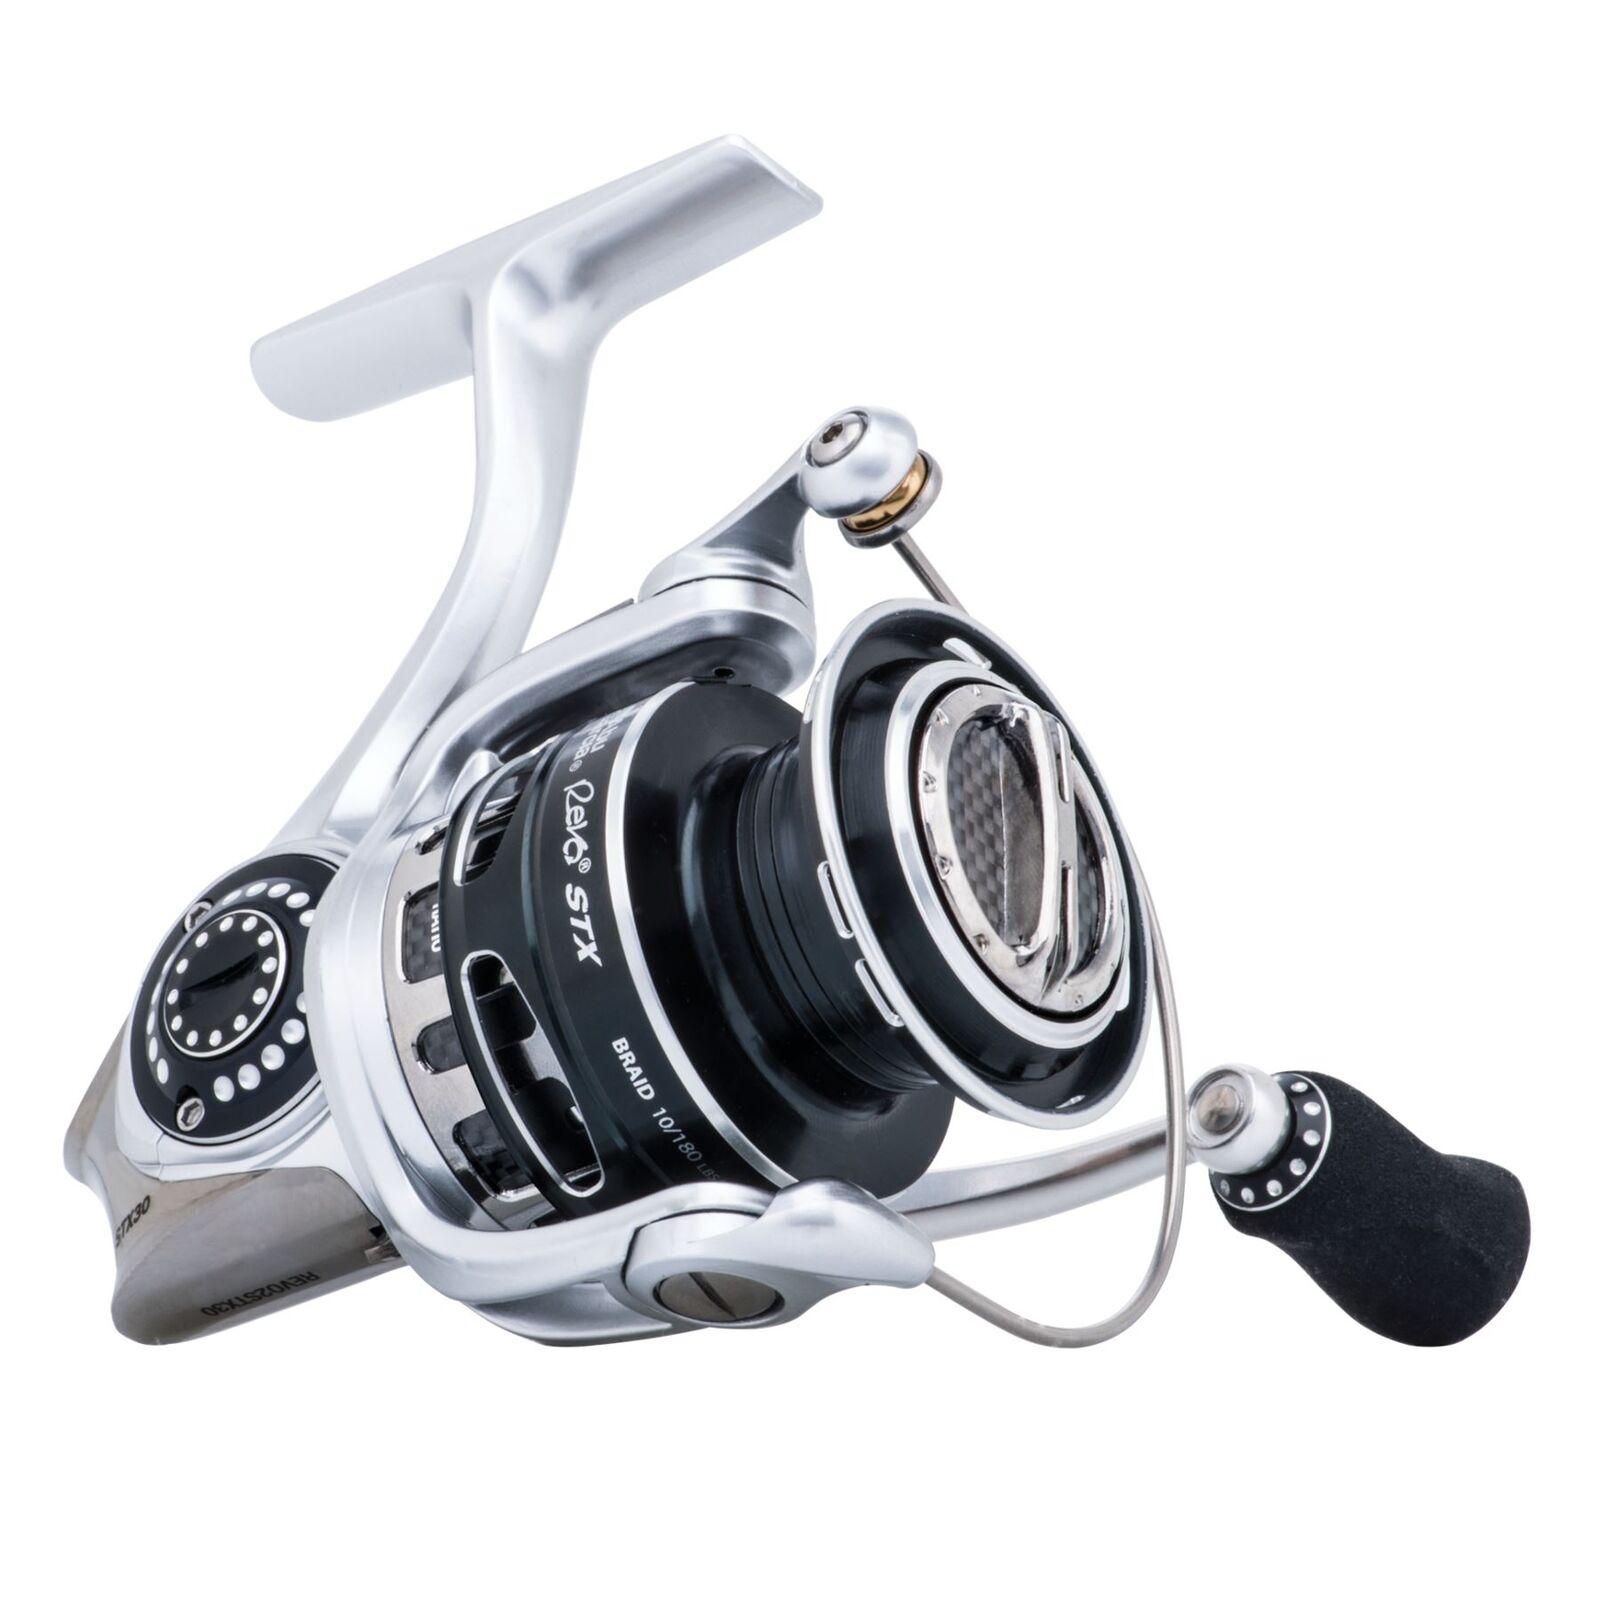 Abu Garcia Revo 2 Stx rossoatorio 40   Mulinello per Pesca Spinning